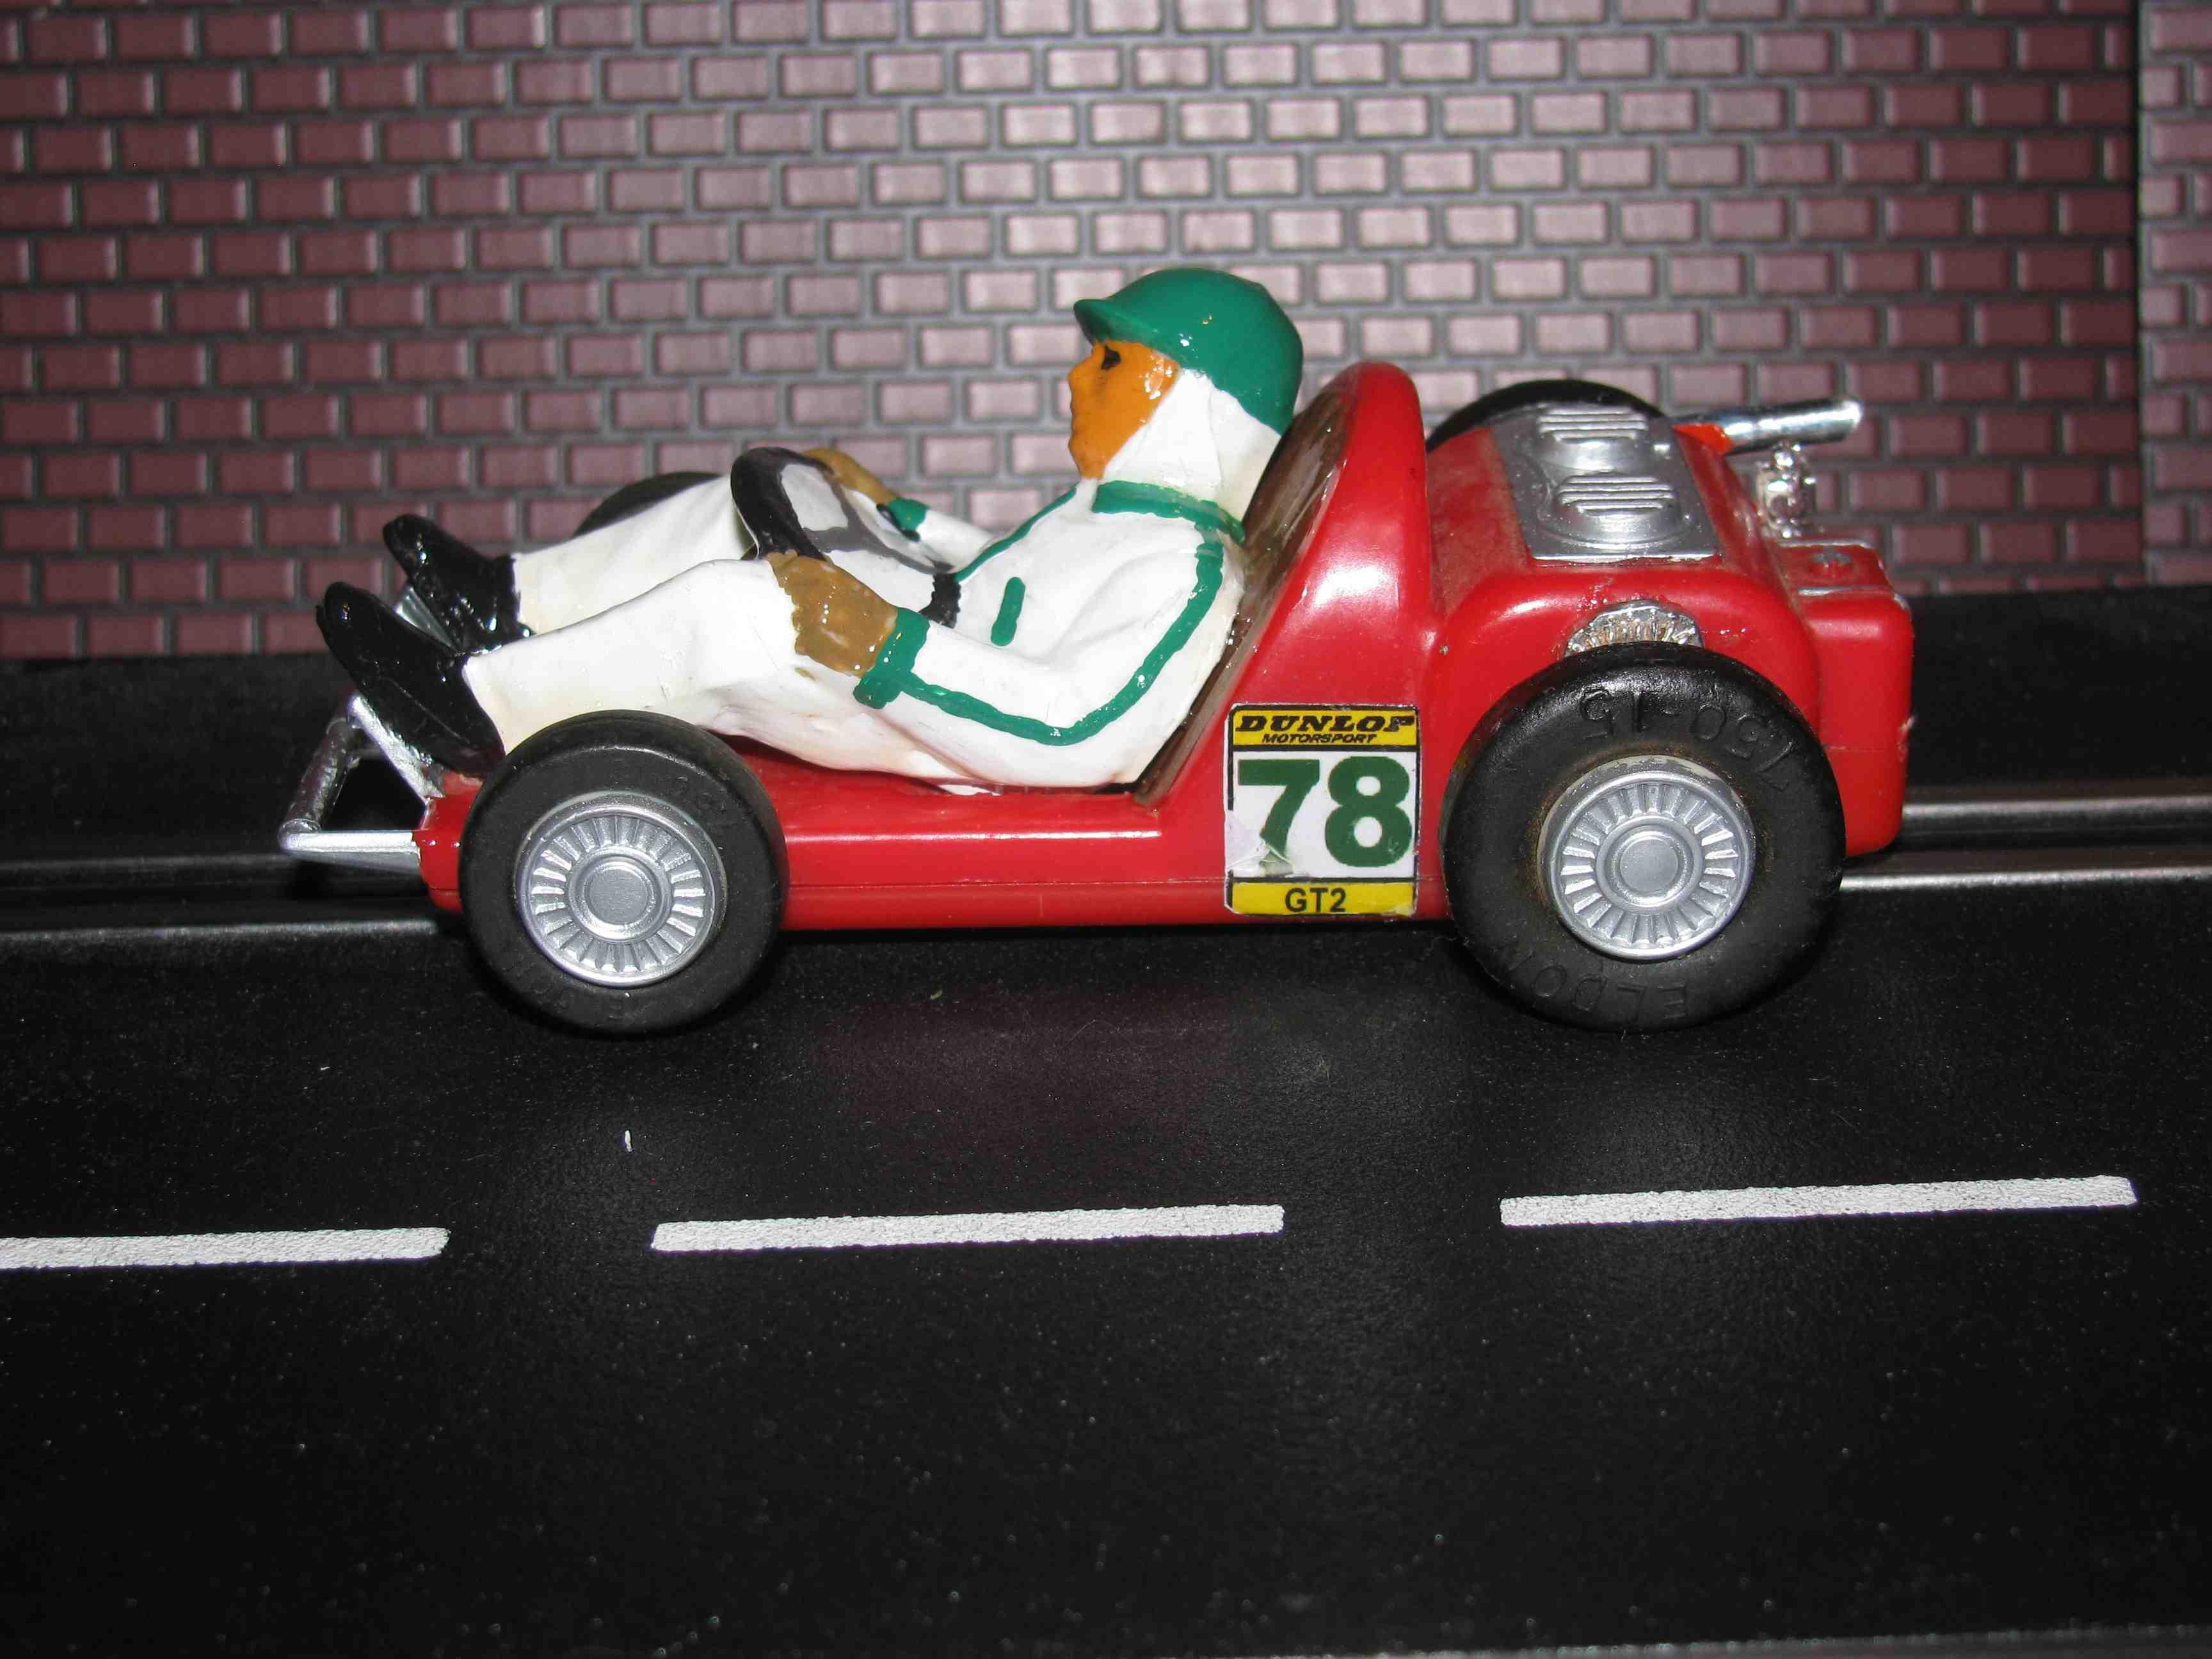 * SOLD * Eldon Vintage Go-Kart Slot Car 1/32 Scale – Original 6 Volt Motor